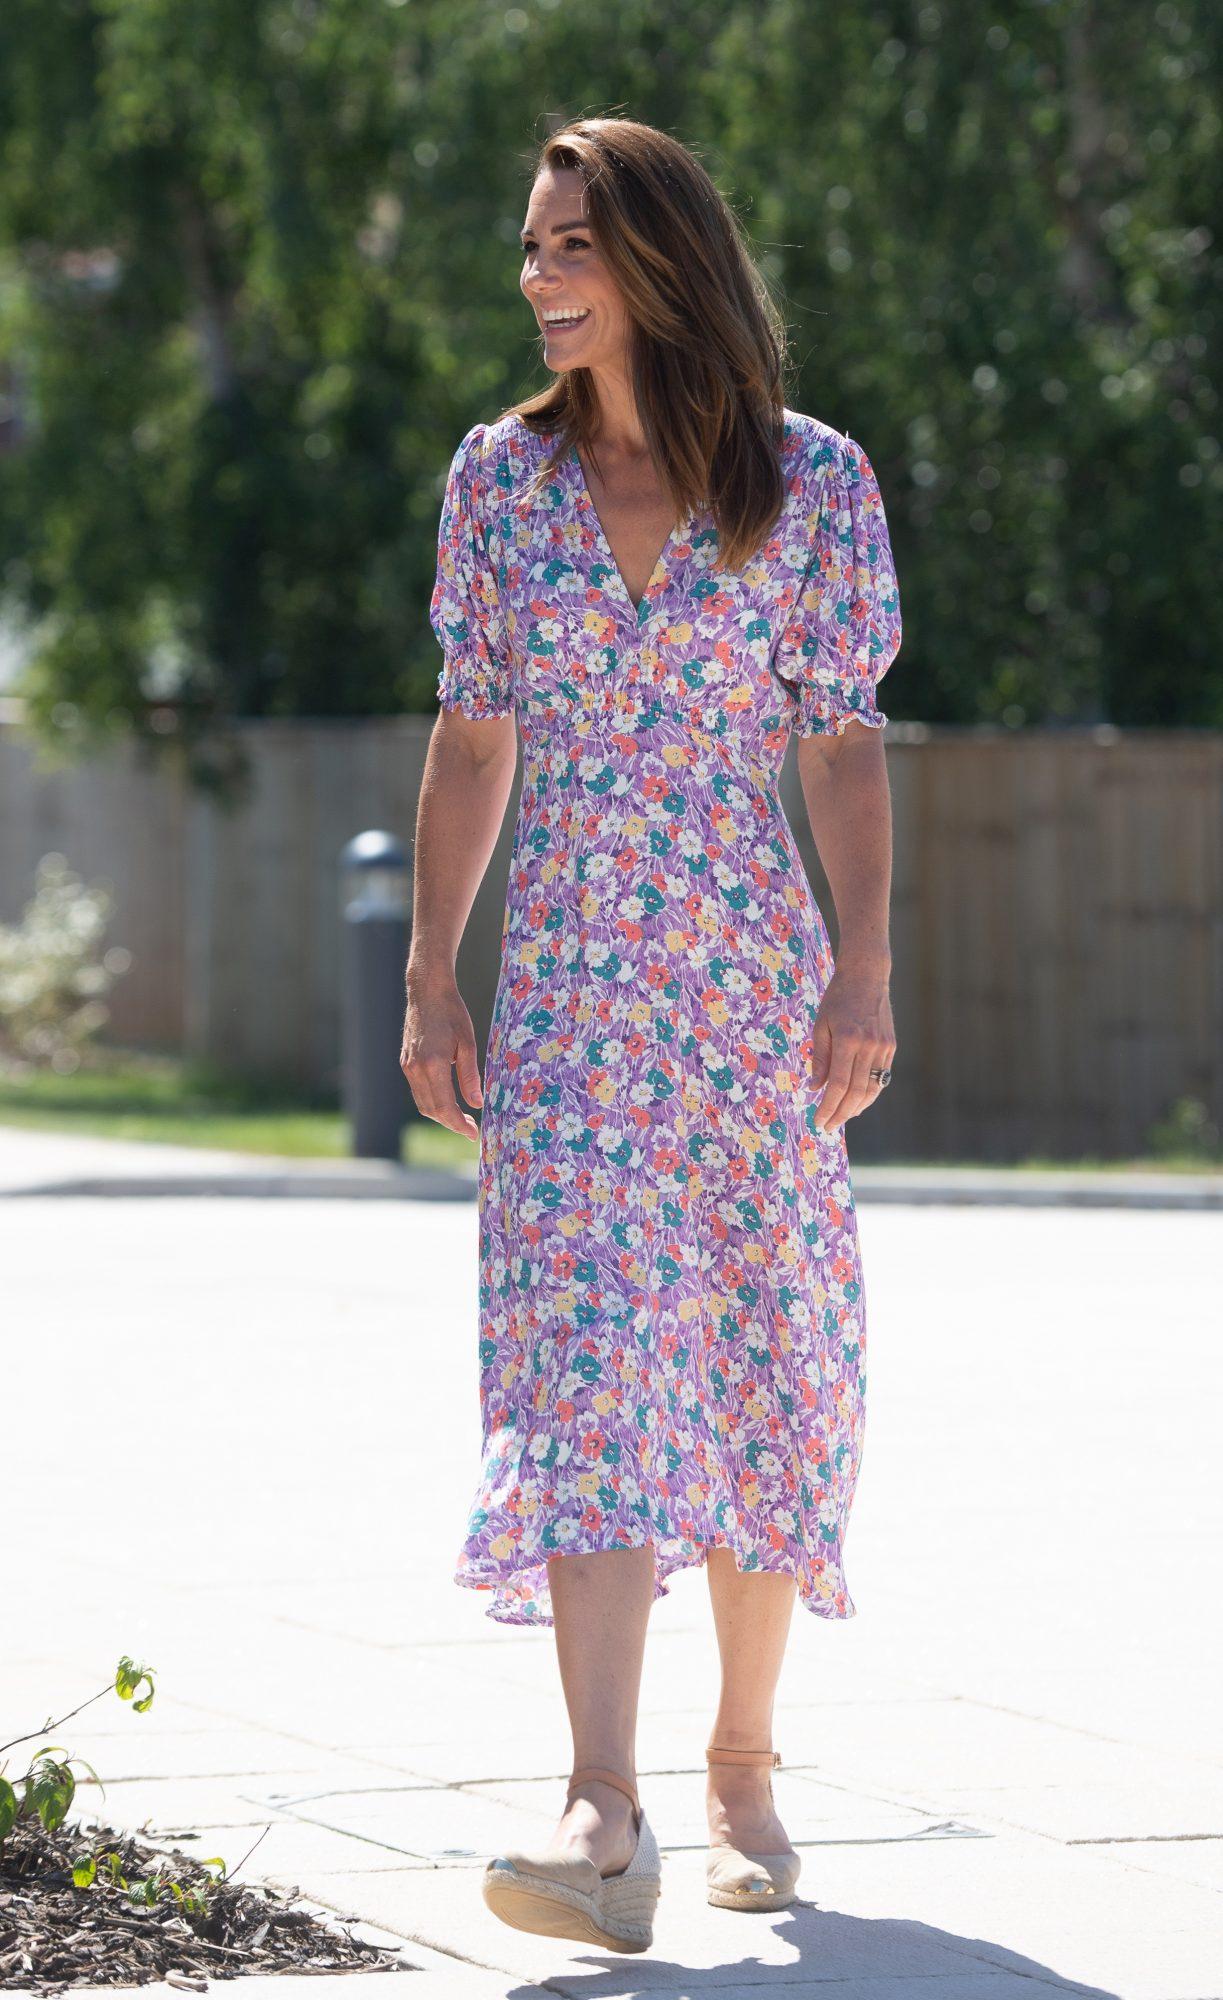 Fresca y femenina lució la duquesa con este vestido morado con estampado floral.